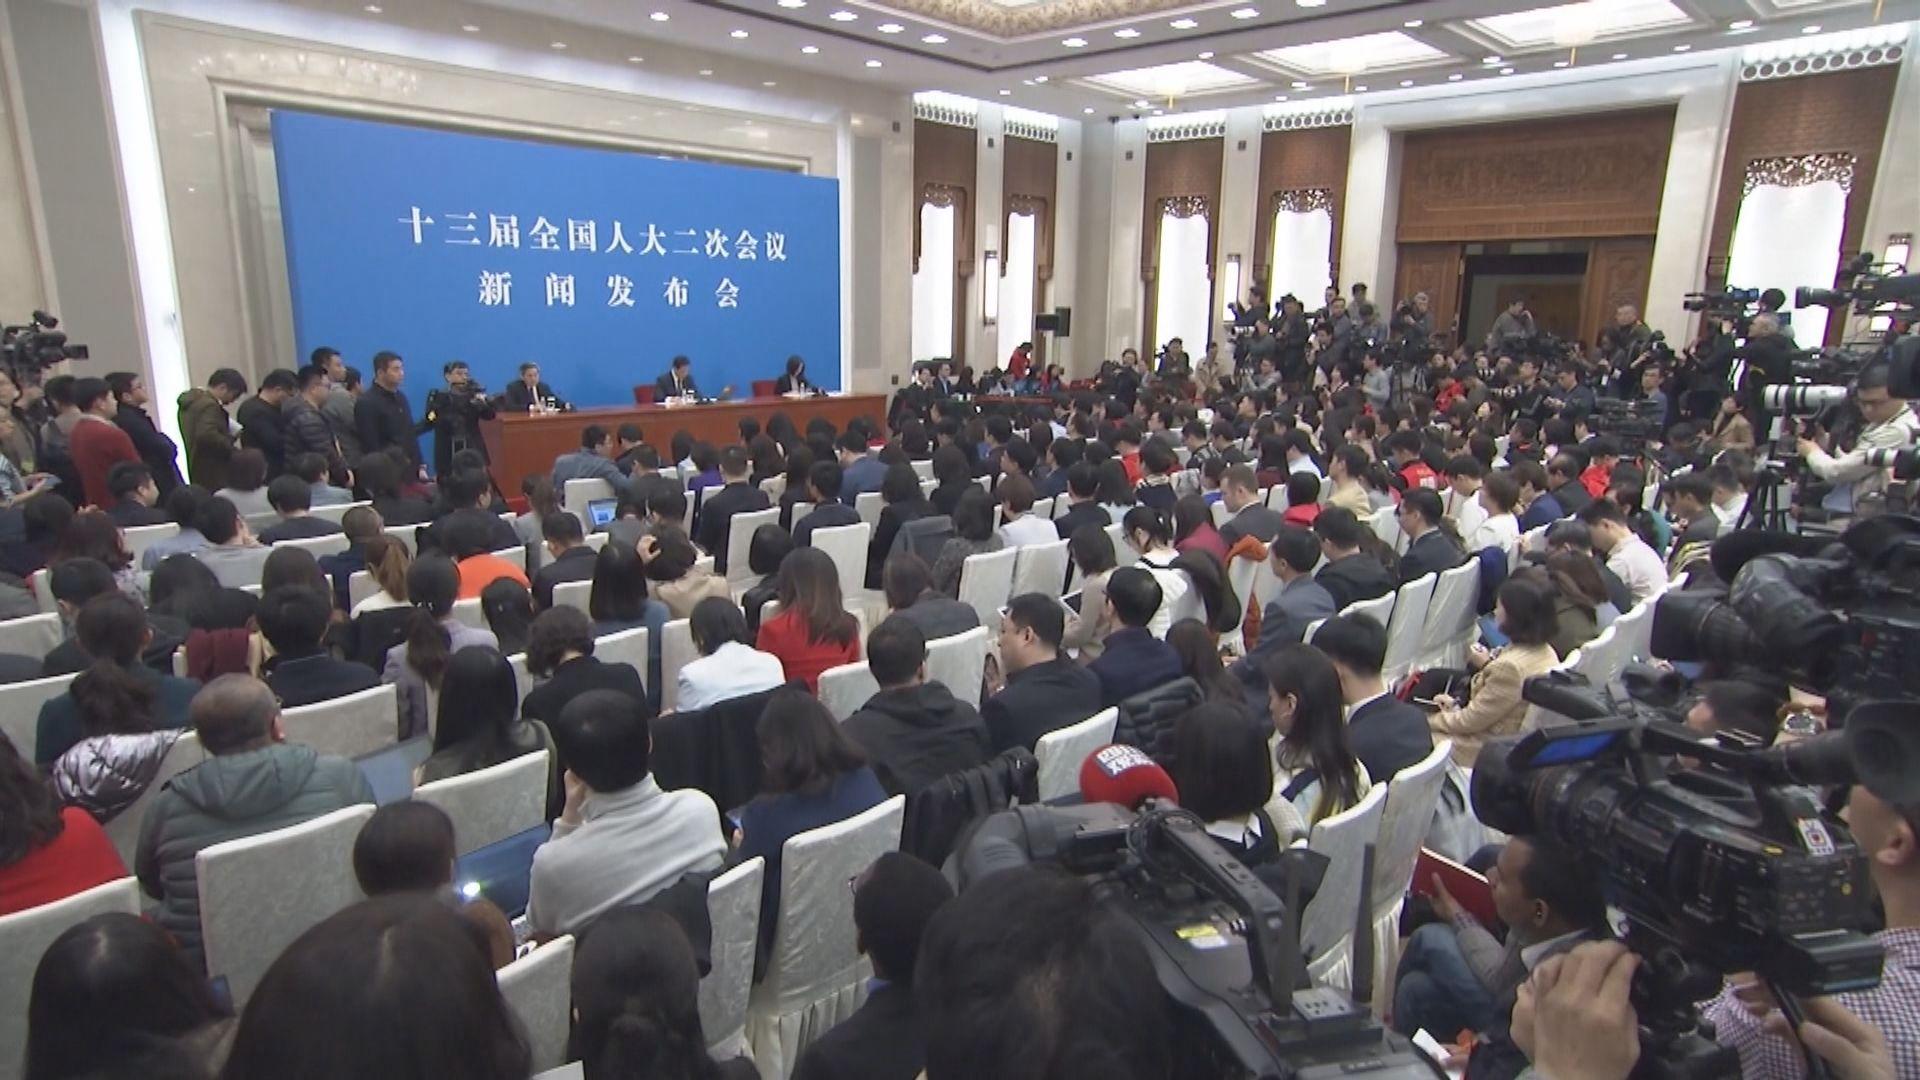 全國人大會議發言人:中美合作是最好選擇